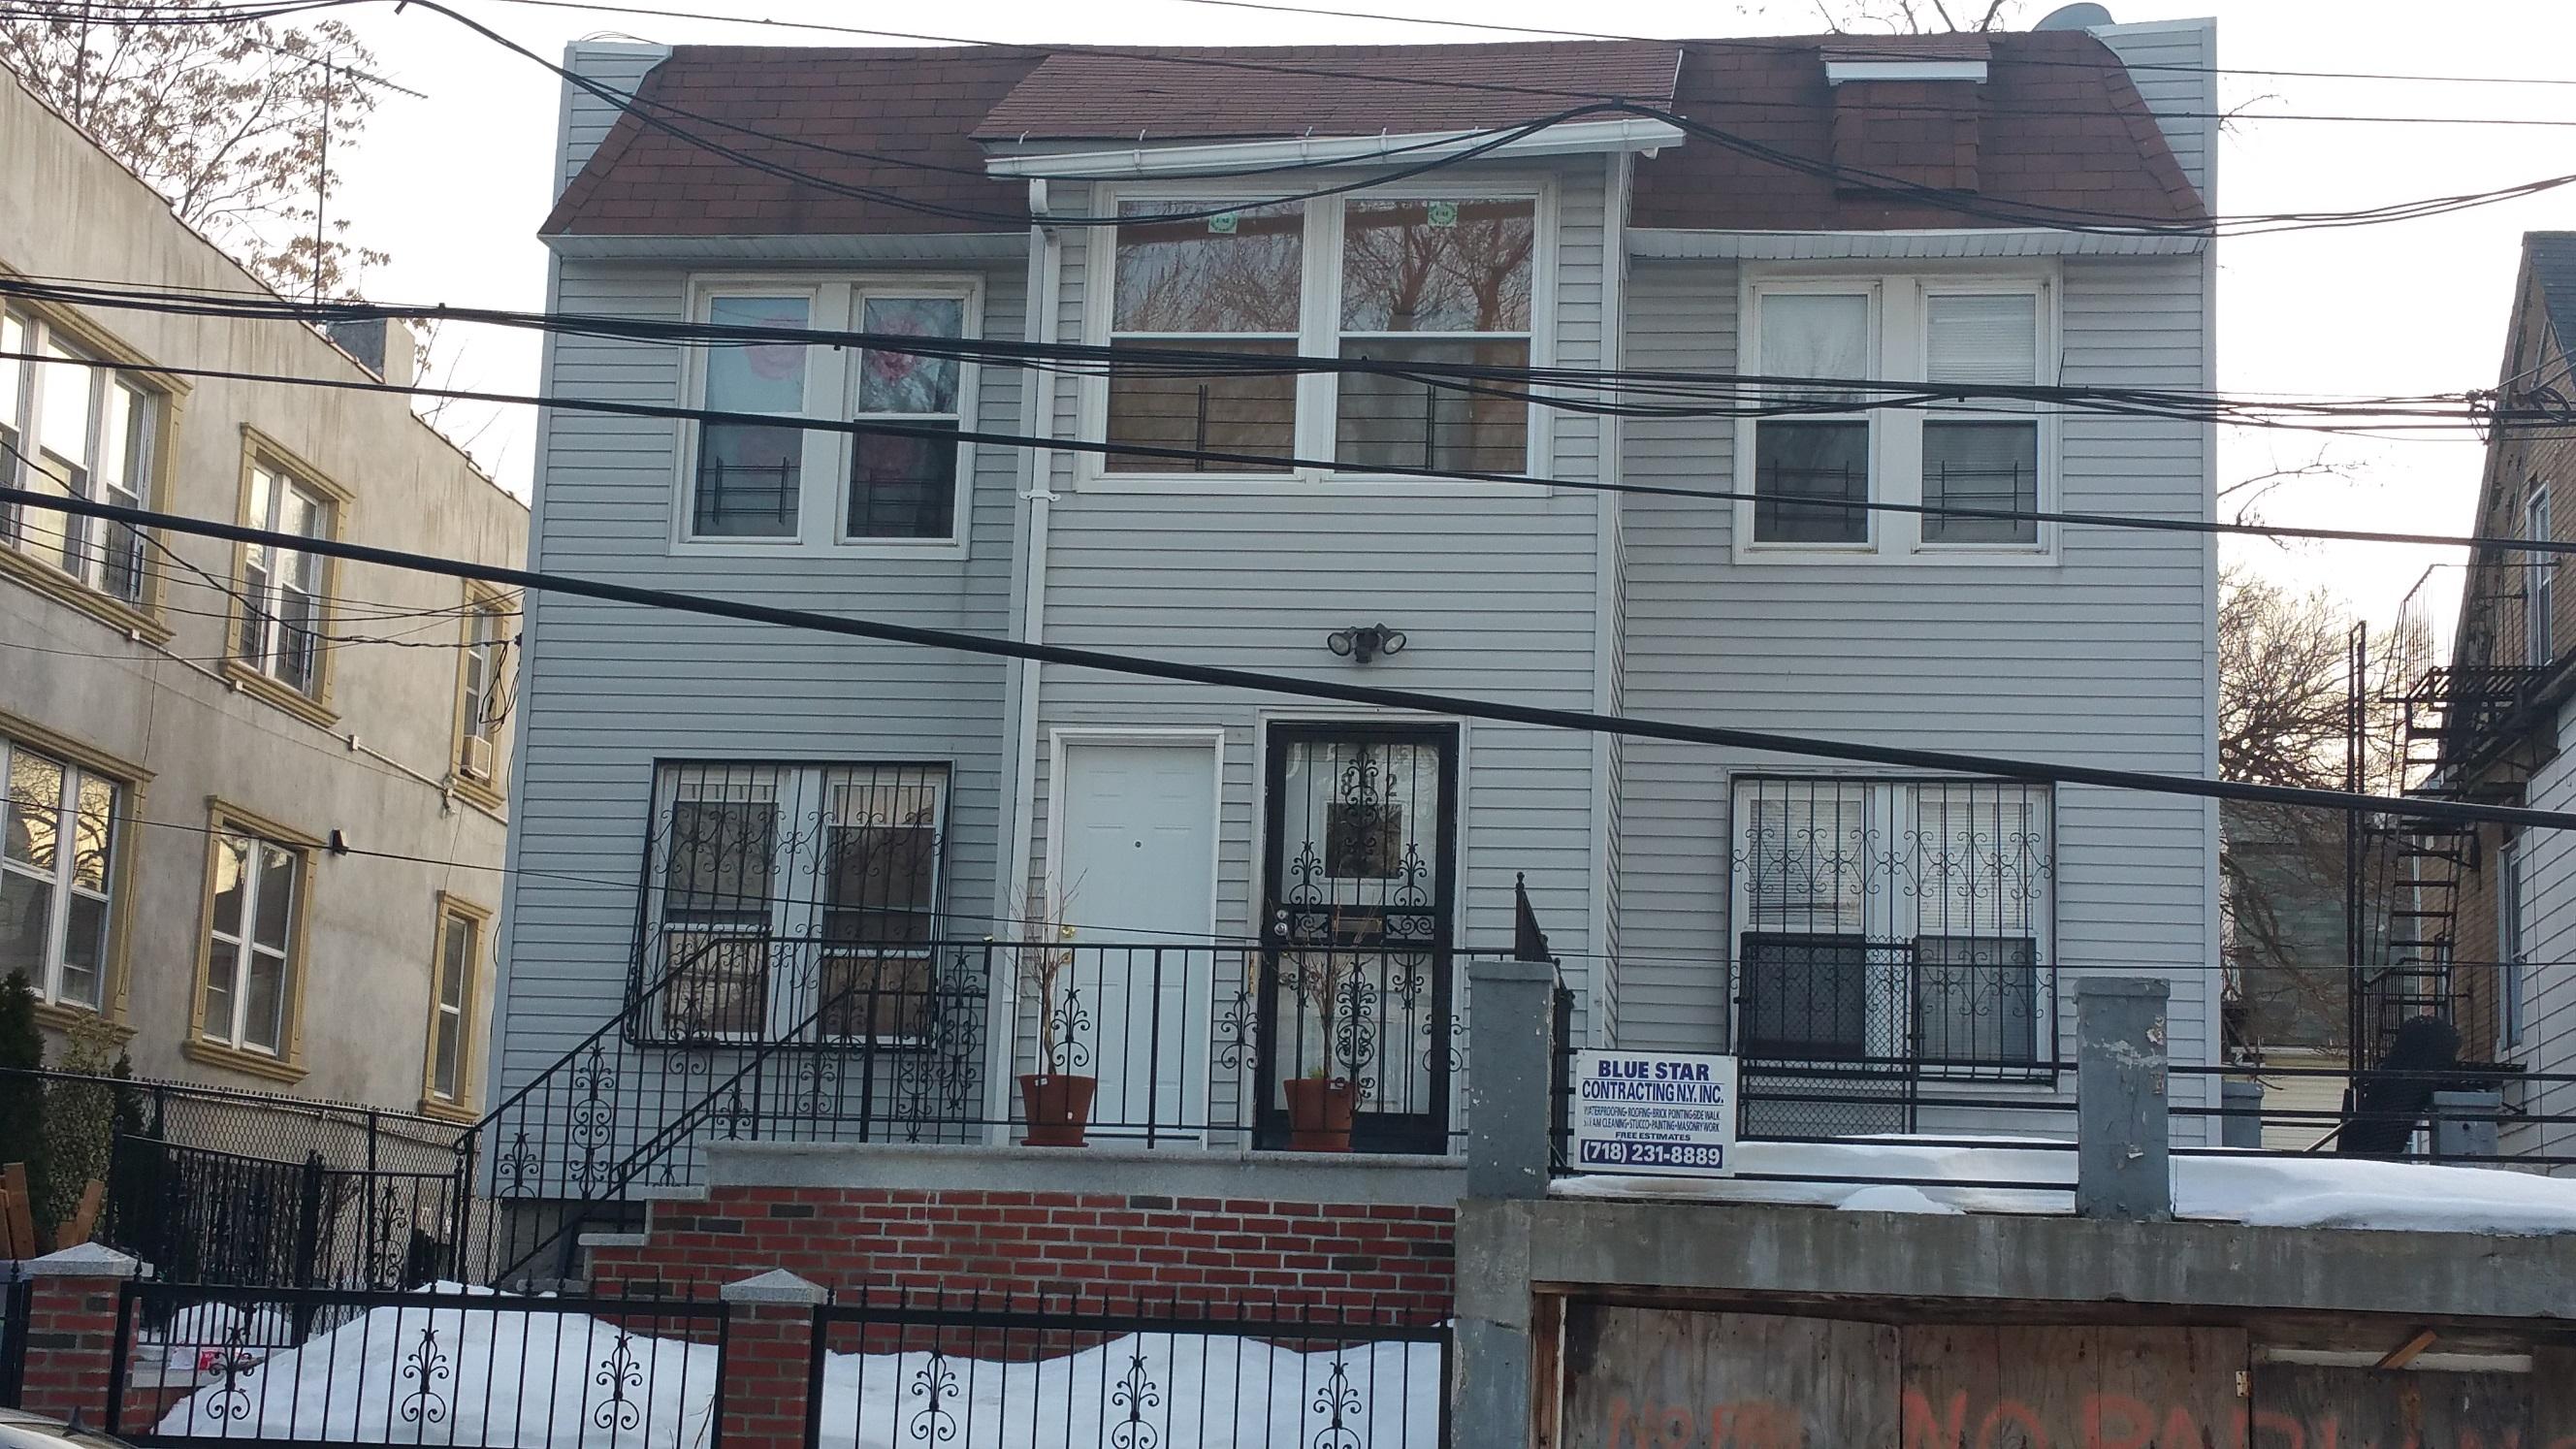 802 Chestnut St, Bronx, New York 10467